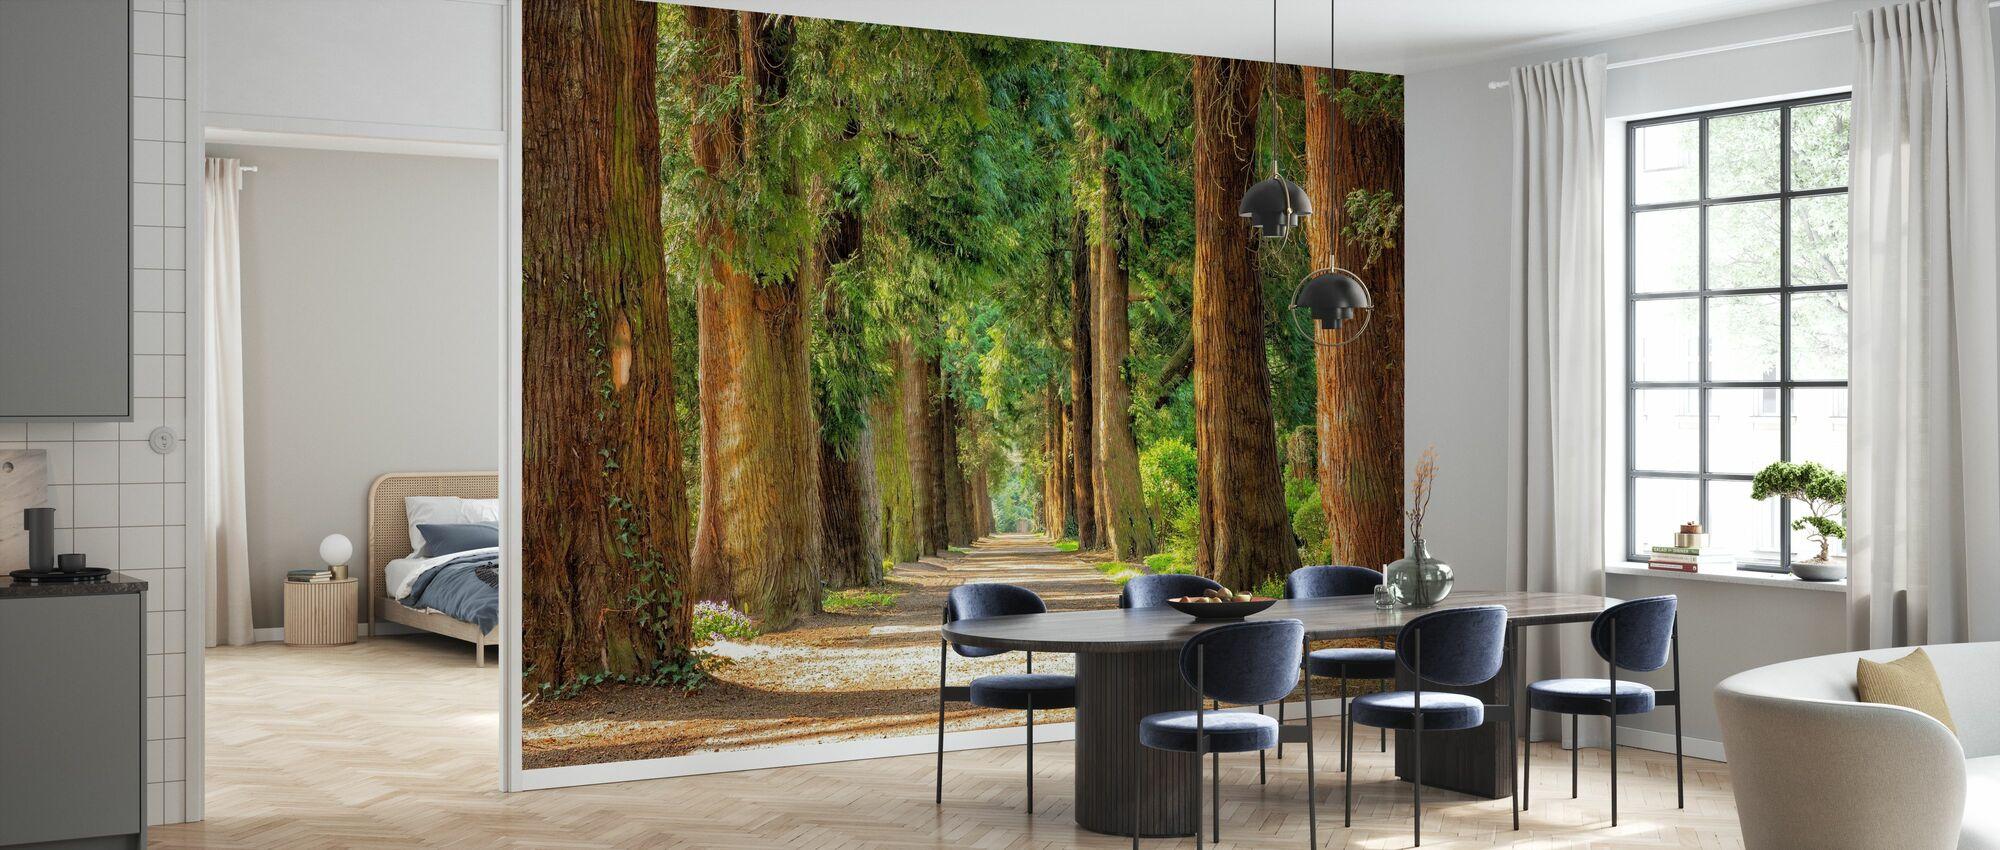 Pad tussen bomen - Behang - Keuken